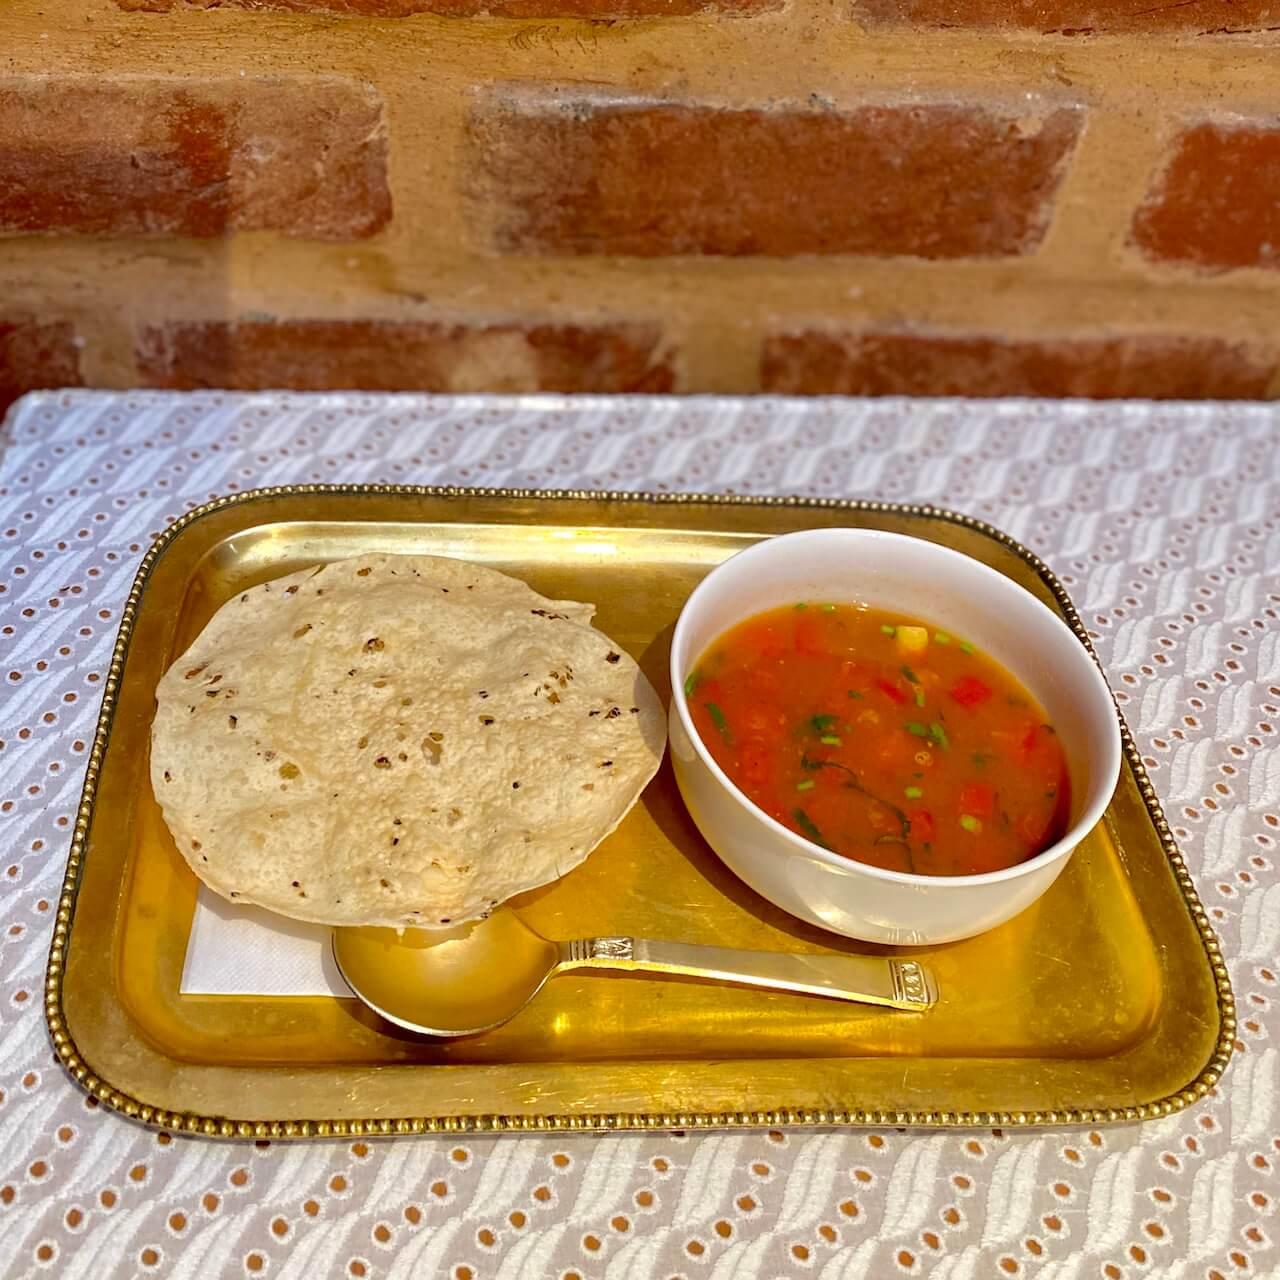 茅ヶ崎ボージャンのディナーセット スープとパパド